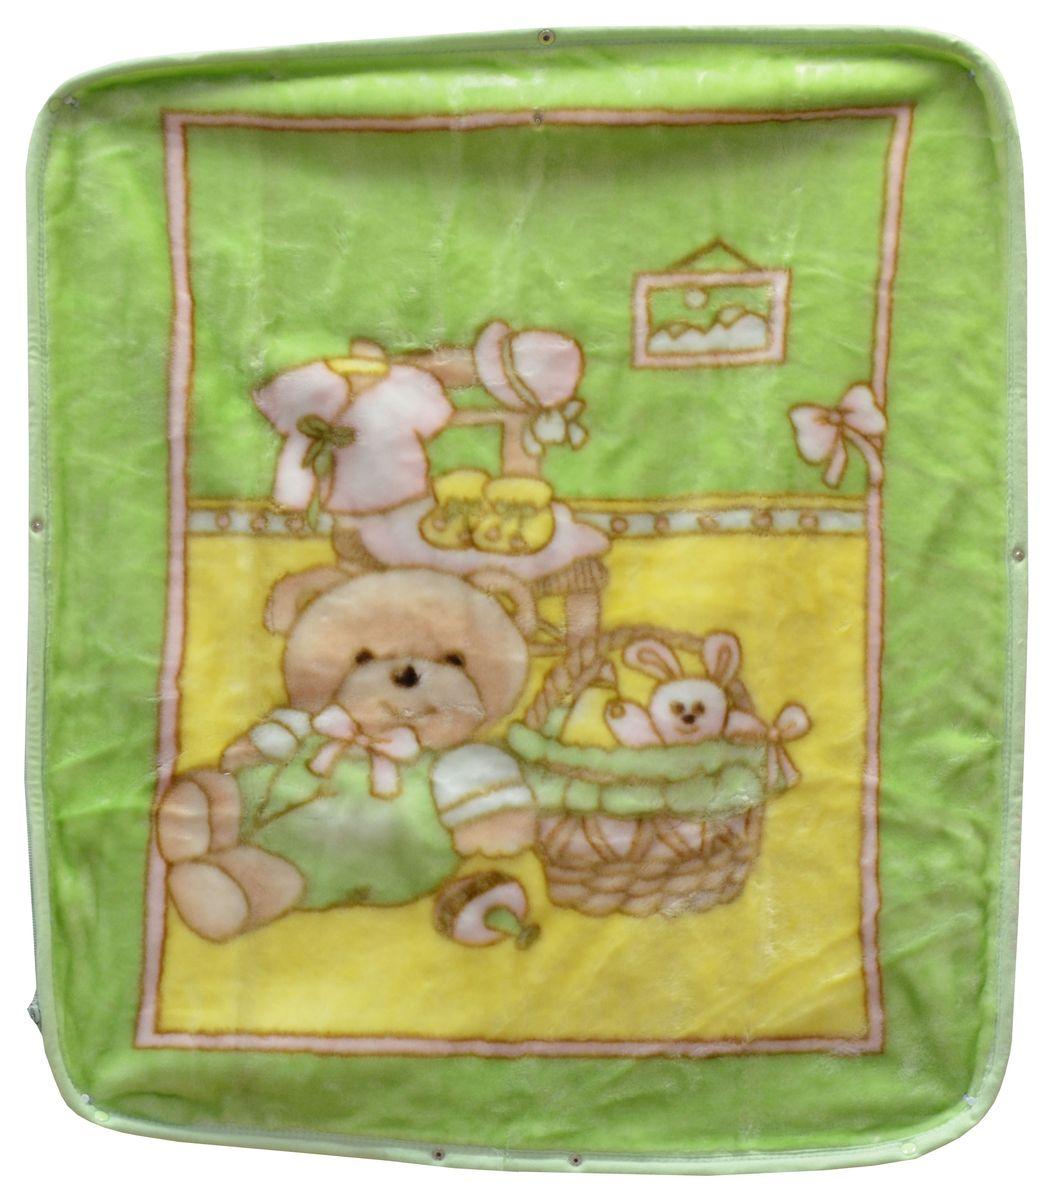 Bonne Fee Плед-накидка для младенцев на молнии 4, 80 х 90 см, цвет: зеленыйD45553_желтыйПлед-накидка для младенцев на молнии Bonne Fee - защита, тепло и комфорт для малышей - использован надёжный, качественный и мягкий материал! Удобство и спокойствие для родителей обеспечивается универсальностью пледа-накидки, конструкция которого позволяет ему легко превращаться в конвертик. Отличное качество и практичность! Любите своего ребёнка и дарите ему лучшее!